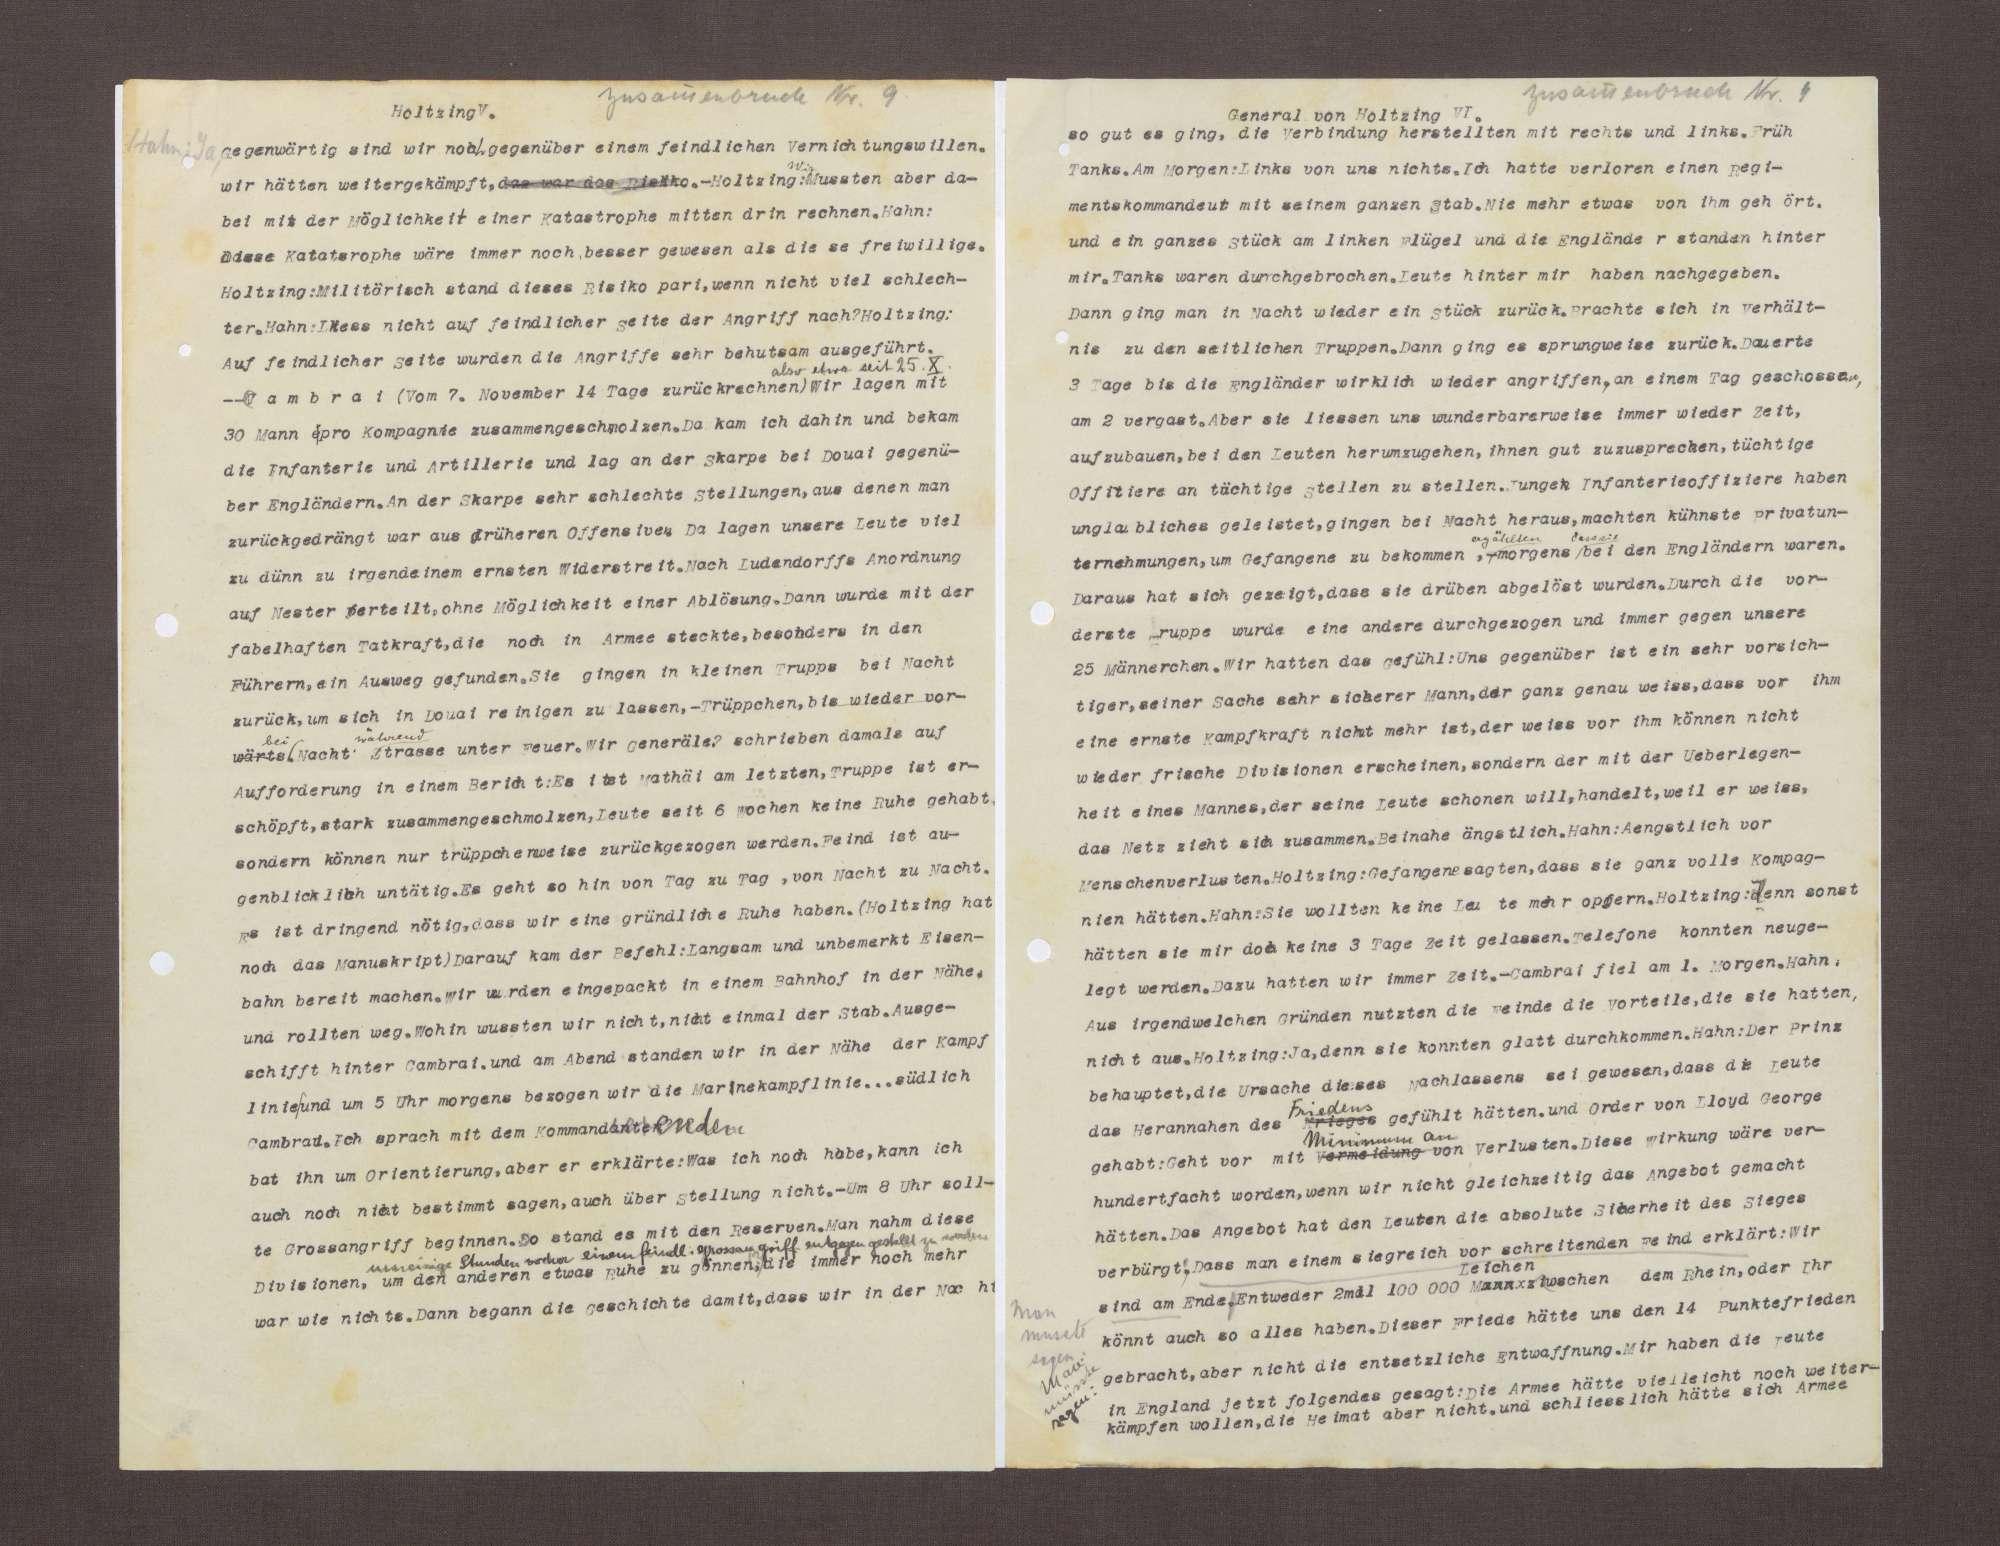 Bericht von Max von Holzing-Berstett bzgl. der Situation des Heeres 1918, Bild 3